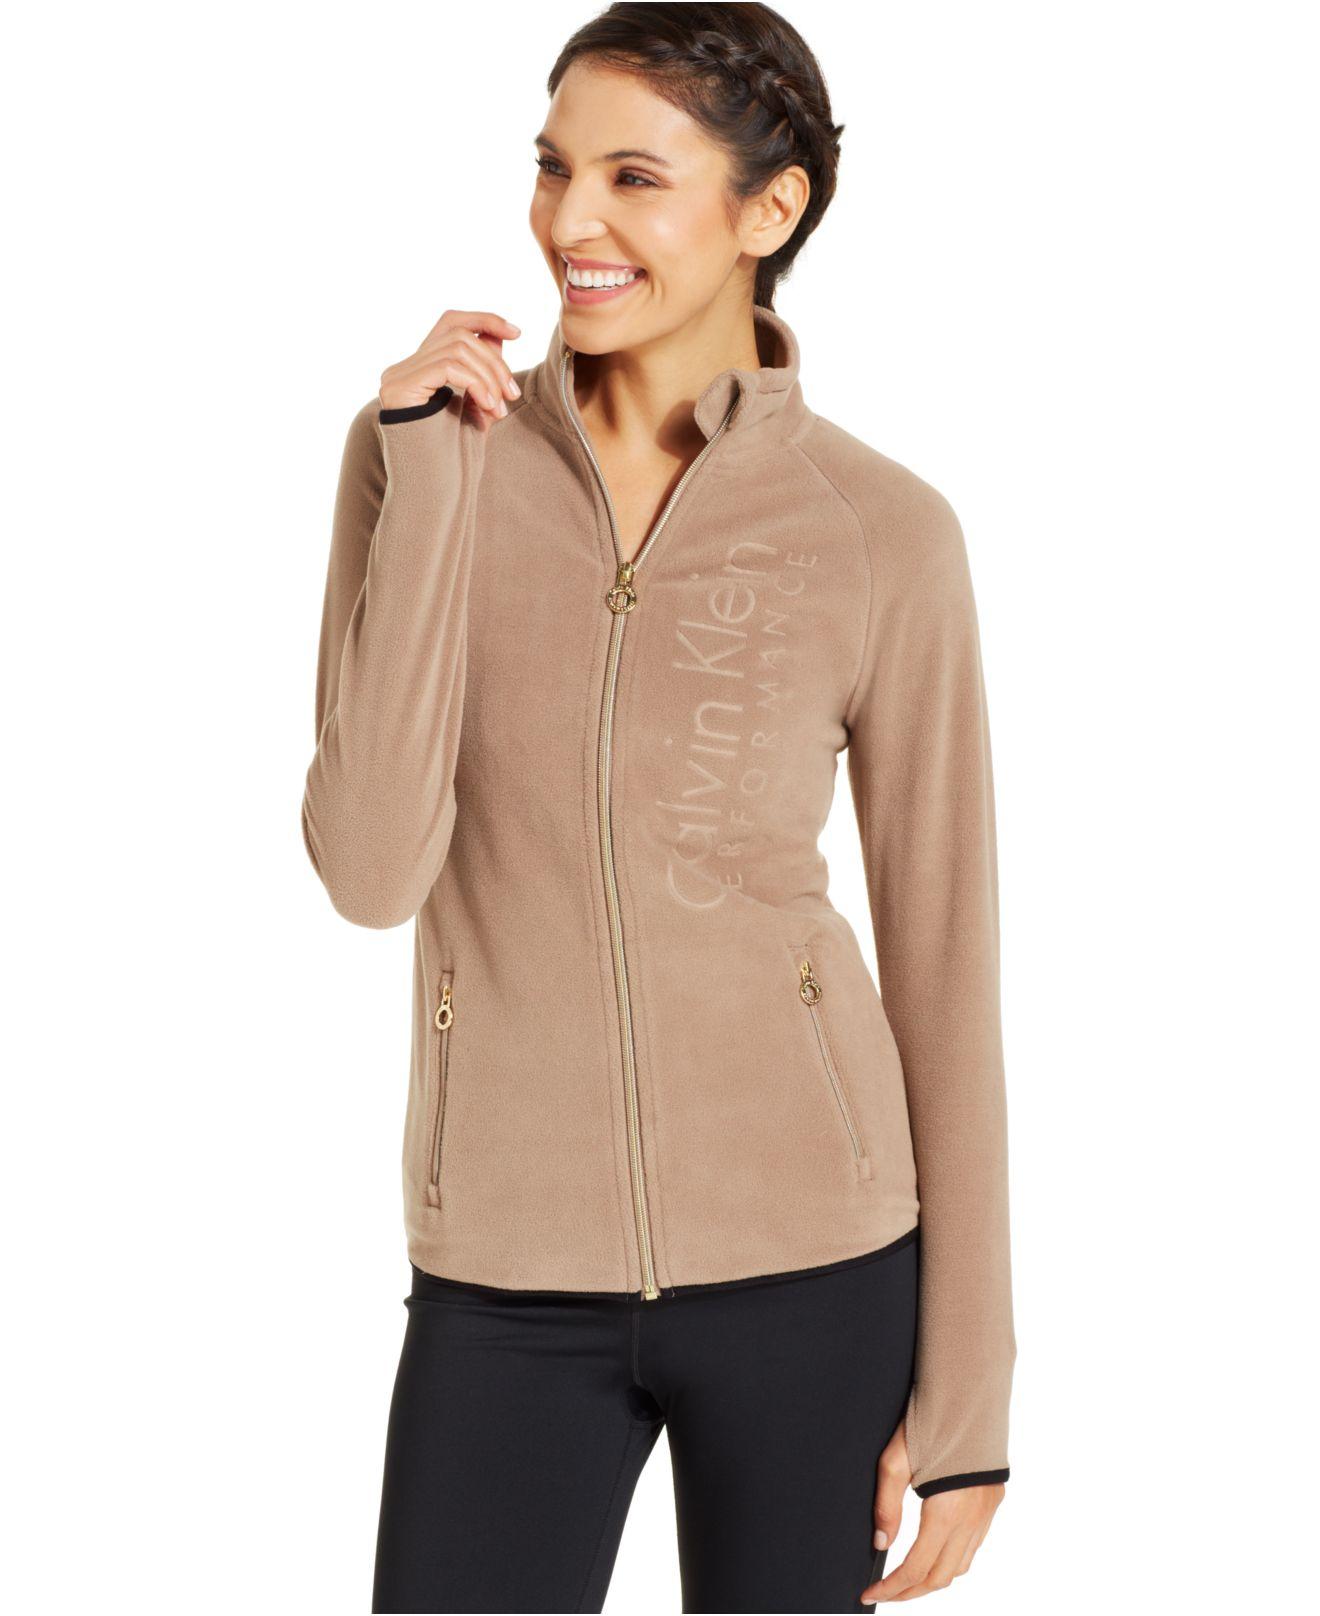 Calvin klein Performance Logo Fleece Zip-Up Jacket in Natural   Lyst